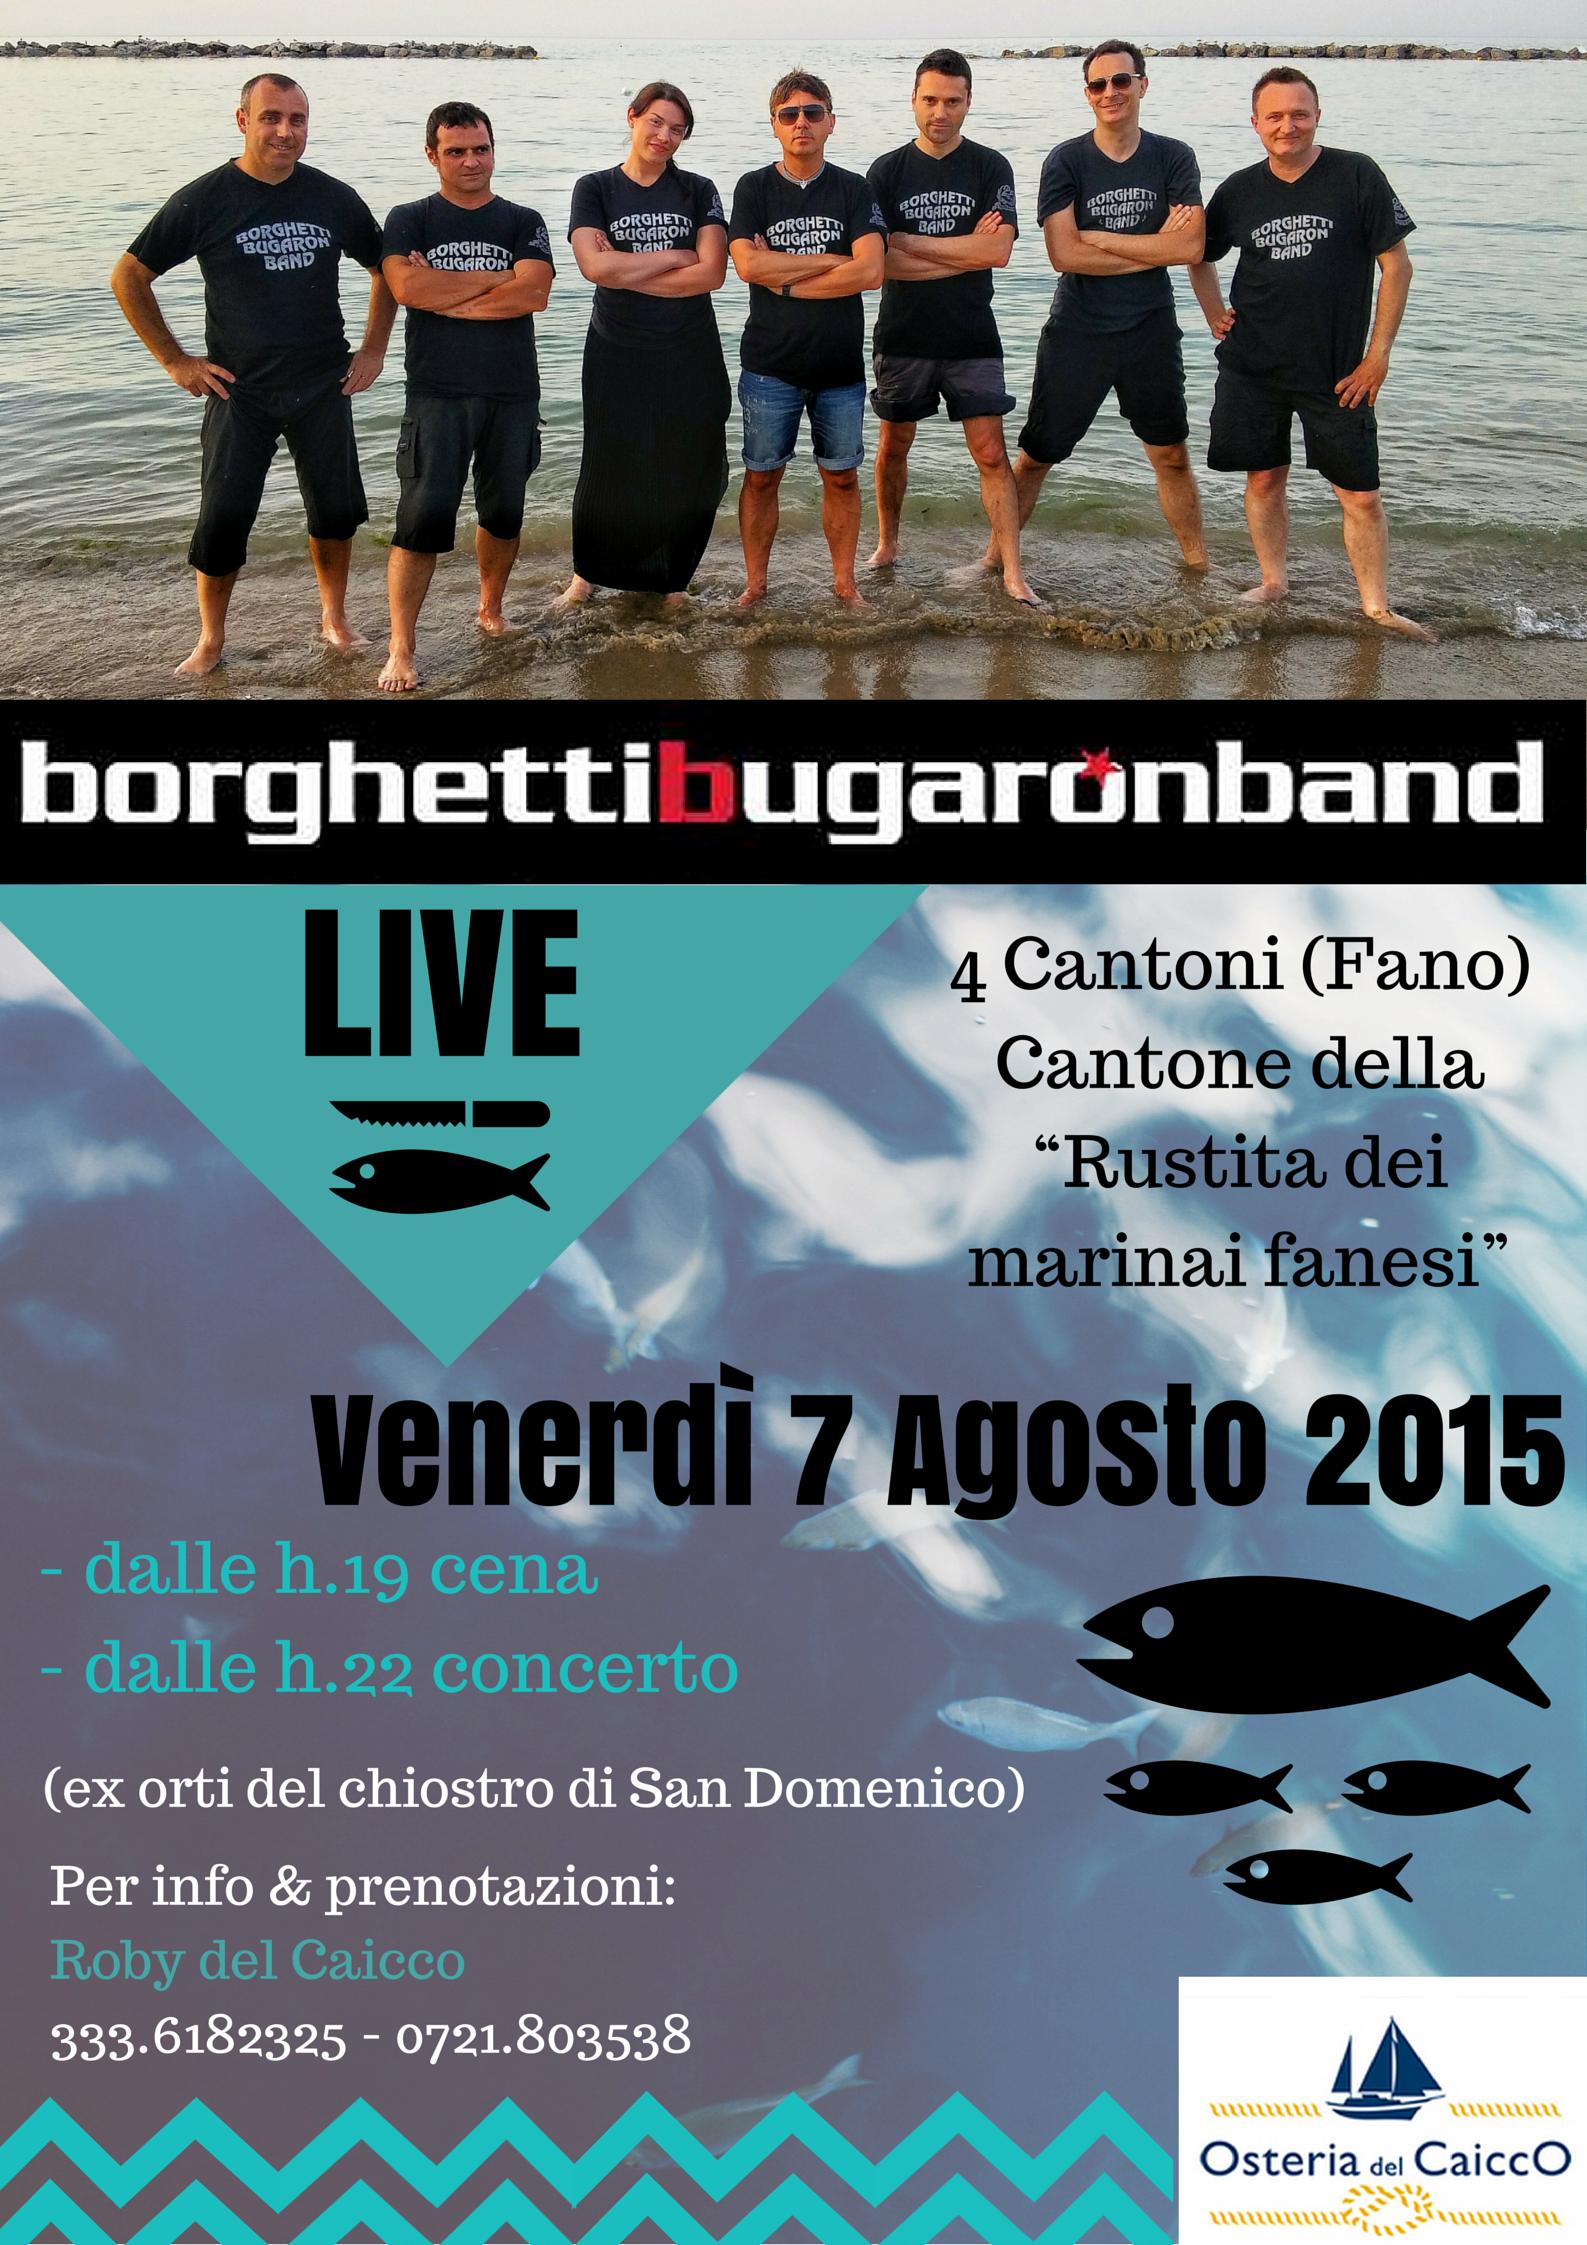 Festa dei Quattro Cantoni 2015 - Caicco - Borghetti Bugaron Band